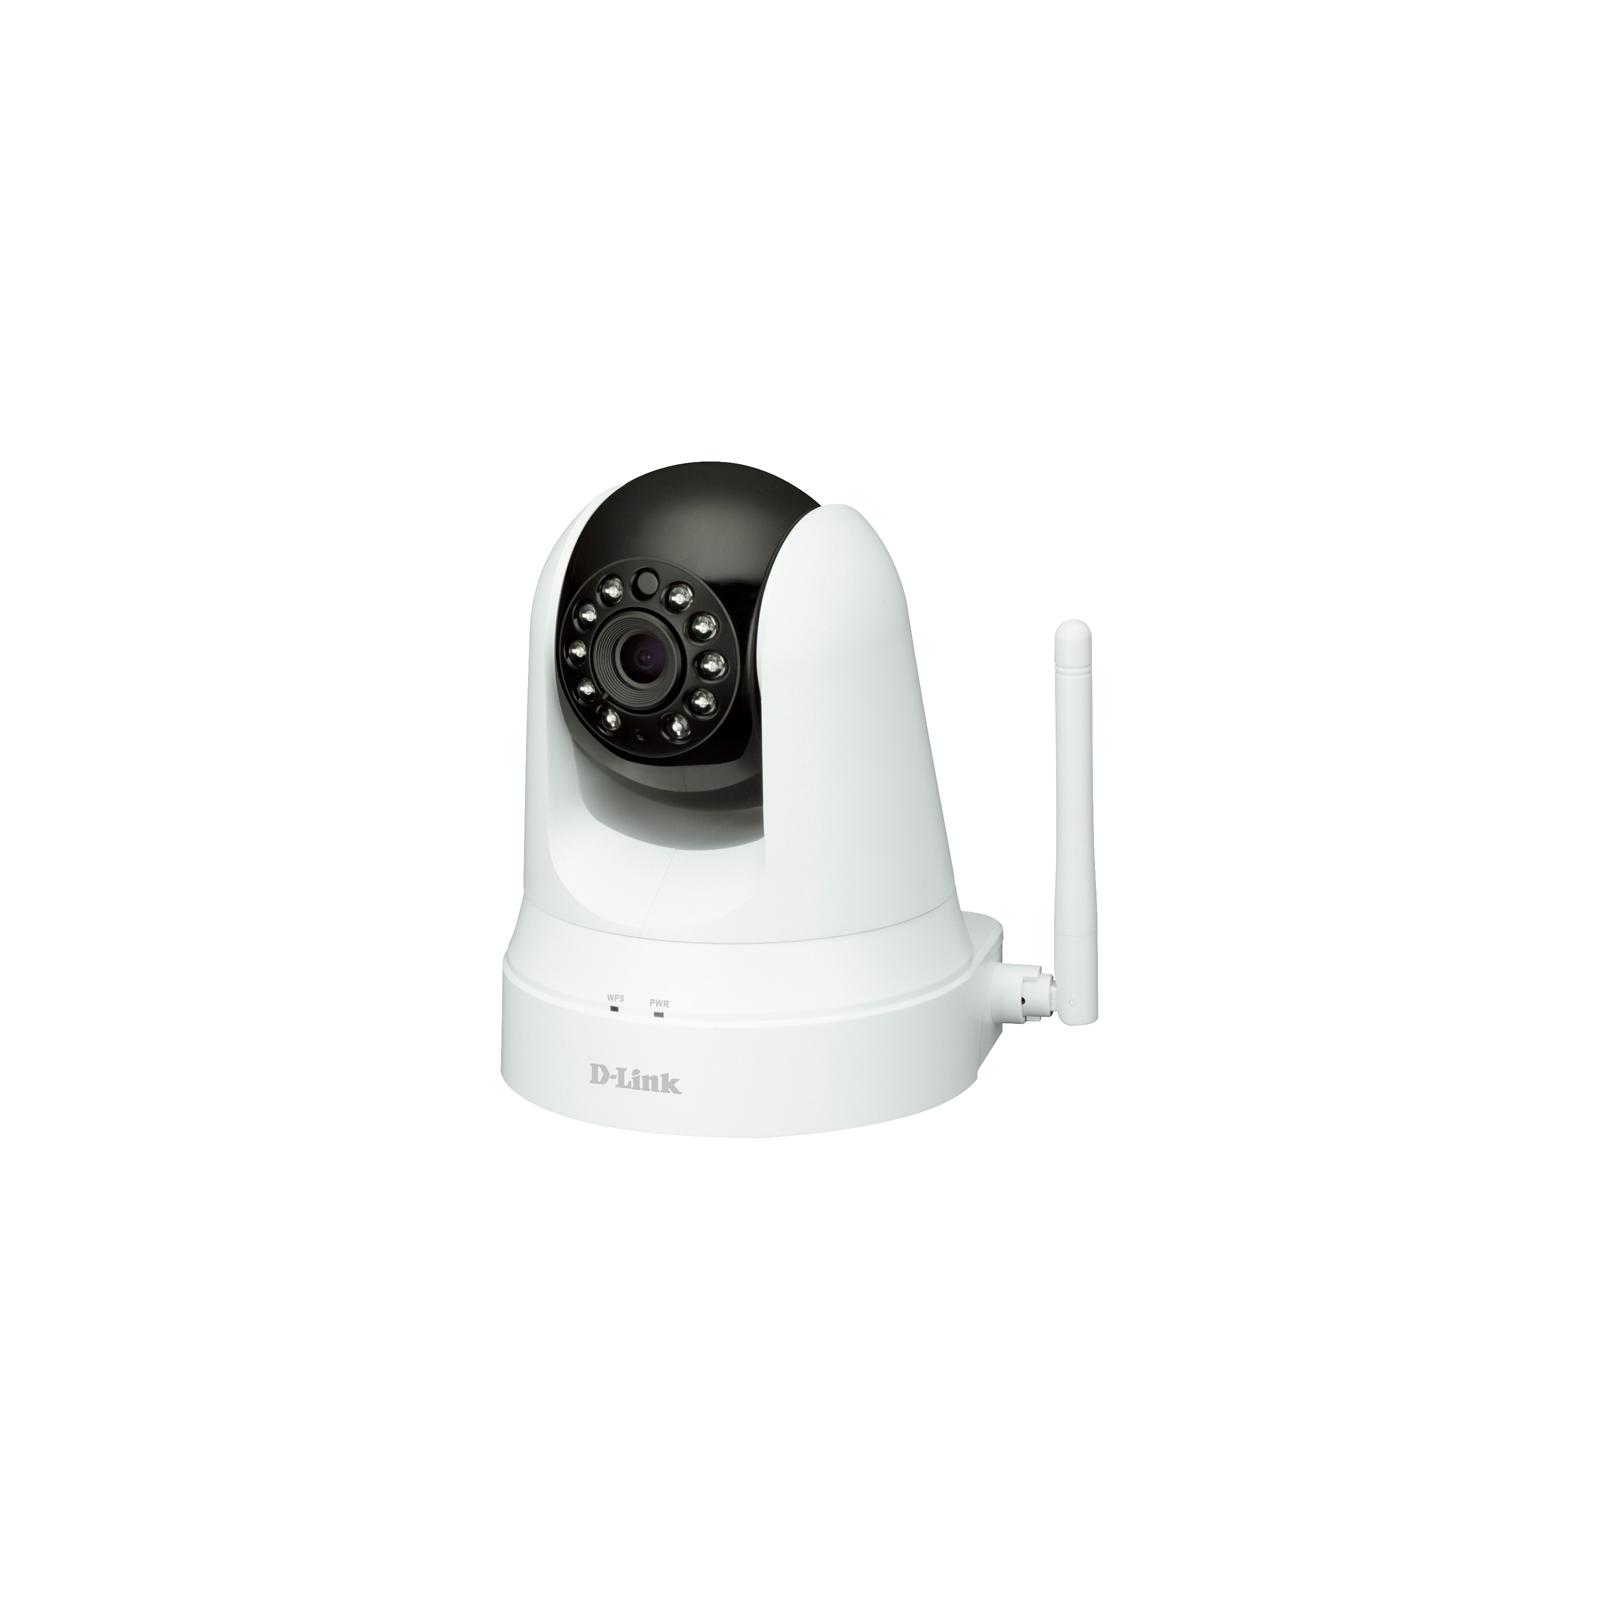 Сетевая камера D-Link DCS-5020L изображение 3